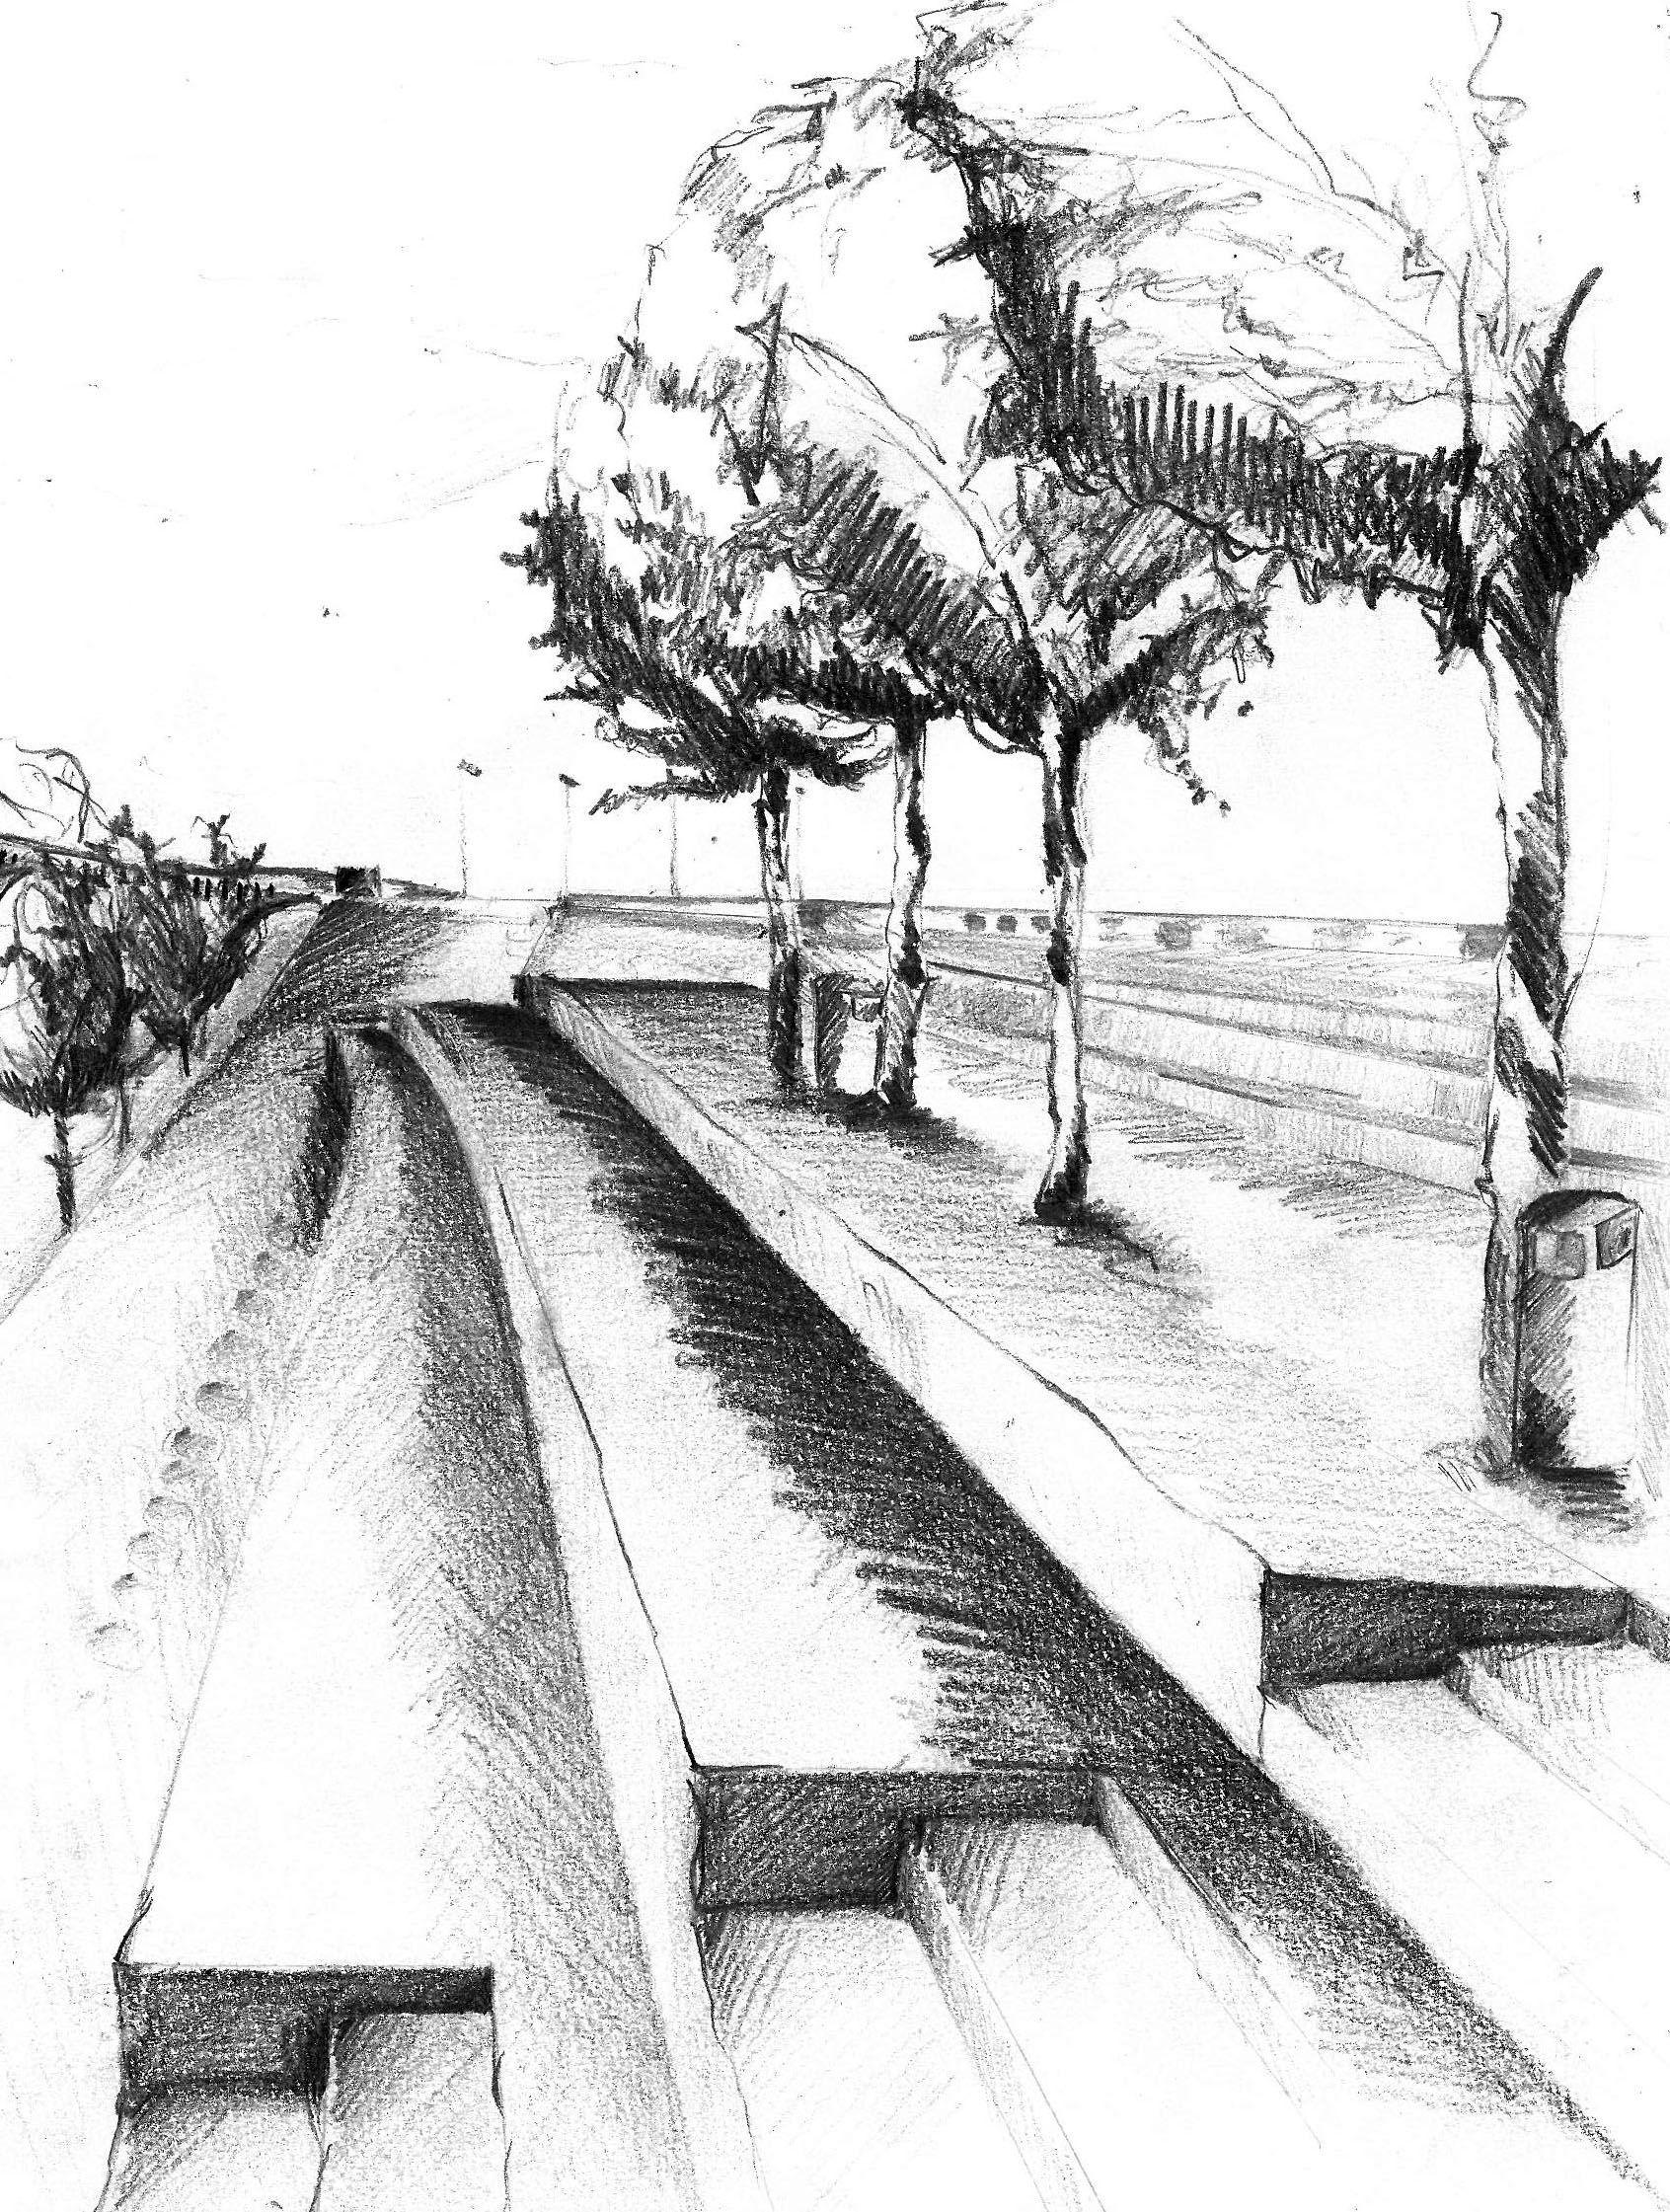 Dessiner Un Paysage En Perspective : dessiner, paysage, perspective, Ville, Dessin, Croquis, Urbain,, Paysage,, Perspective